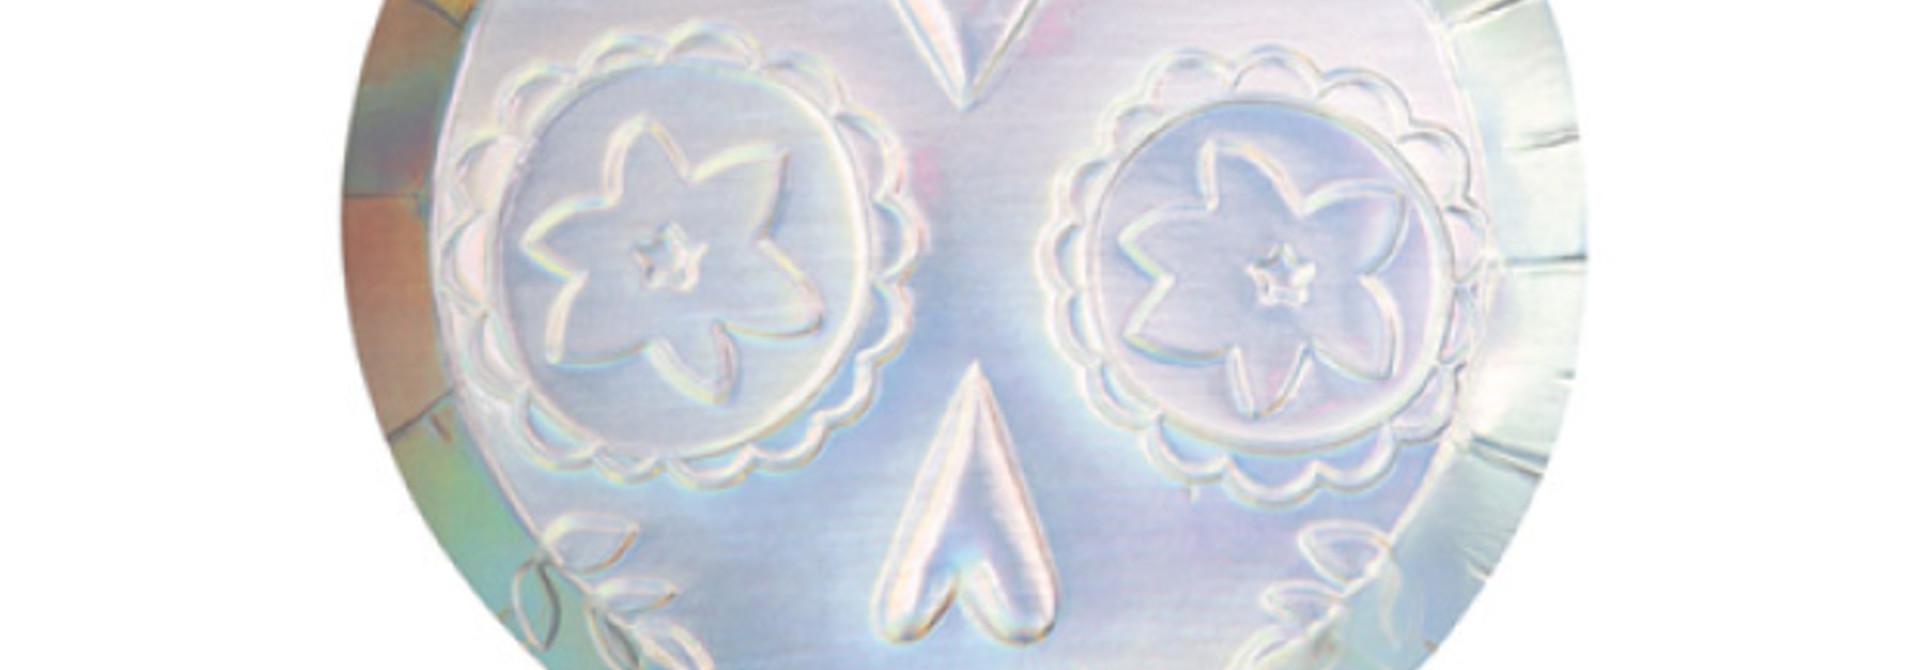 Bordjes Sugar Skull holografisch (8 st) - Meri Meri